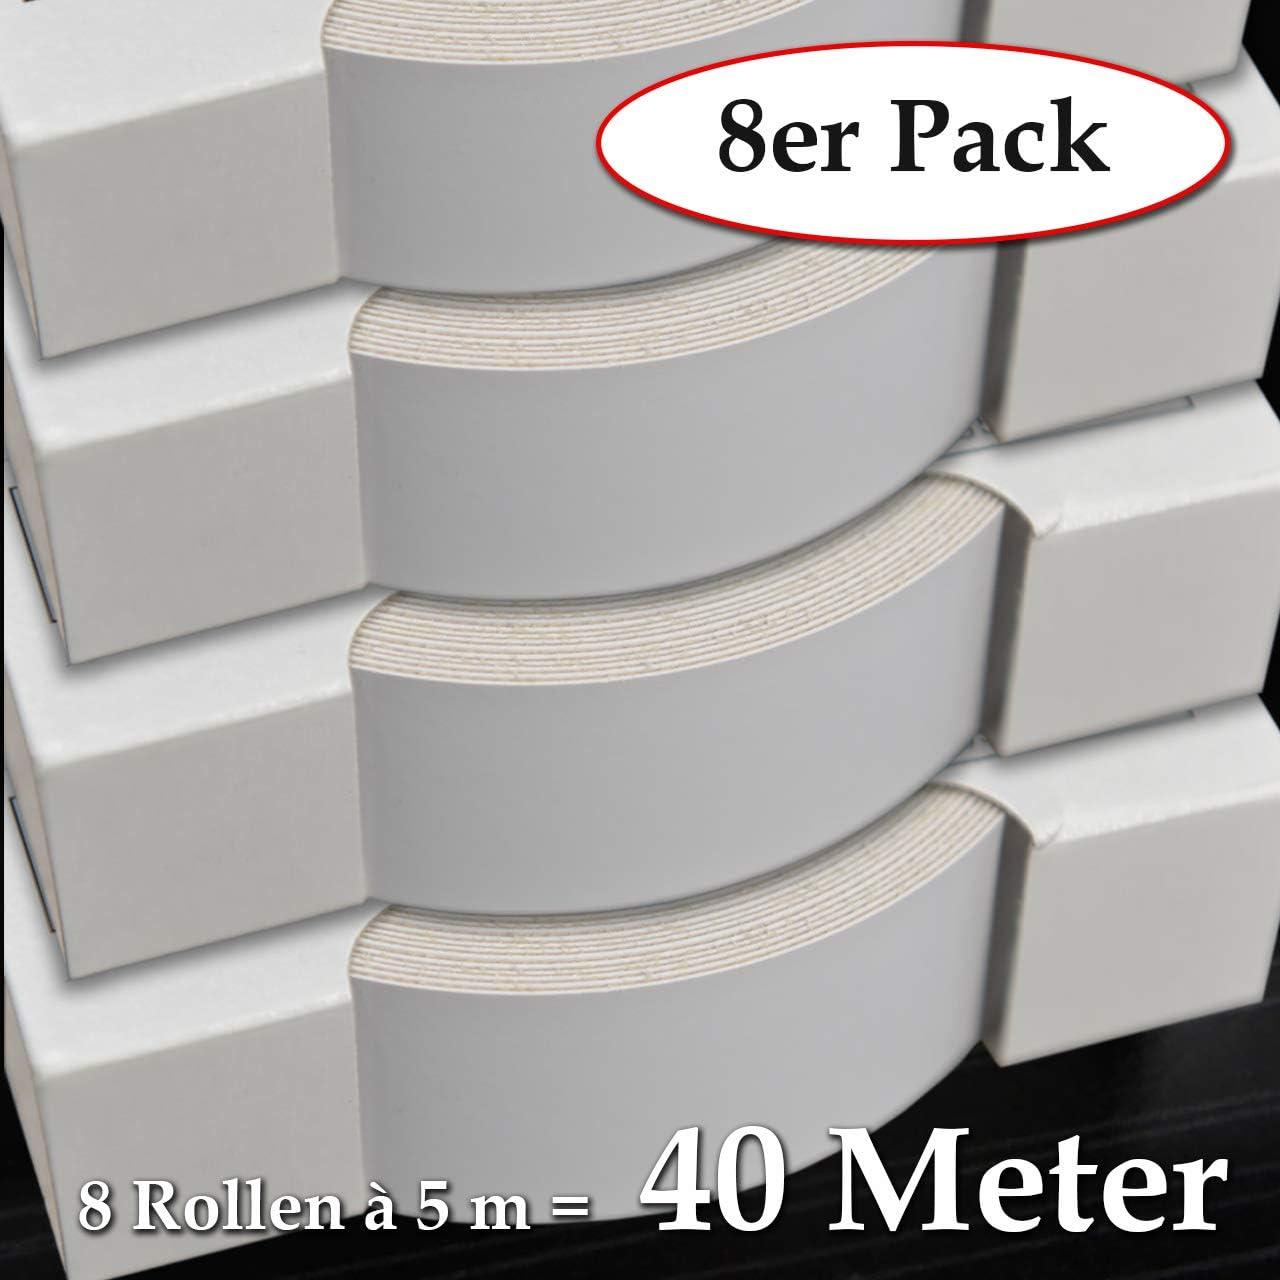 Kantenumleimer inkl Melaminkantenumleimer 10 m x 20 mm in Schwarz 2 x 5 m Rollen Umleimer mit SK glatt und strukturlos Schmelzkleber f/ür Regalb/öden und M/öbelbauplatten